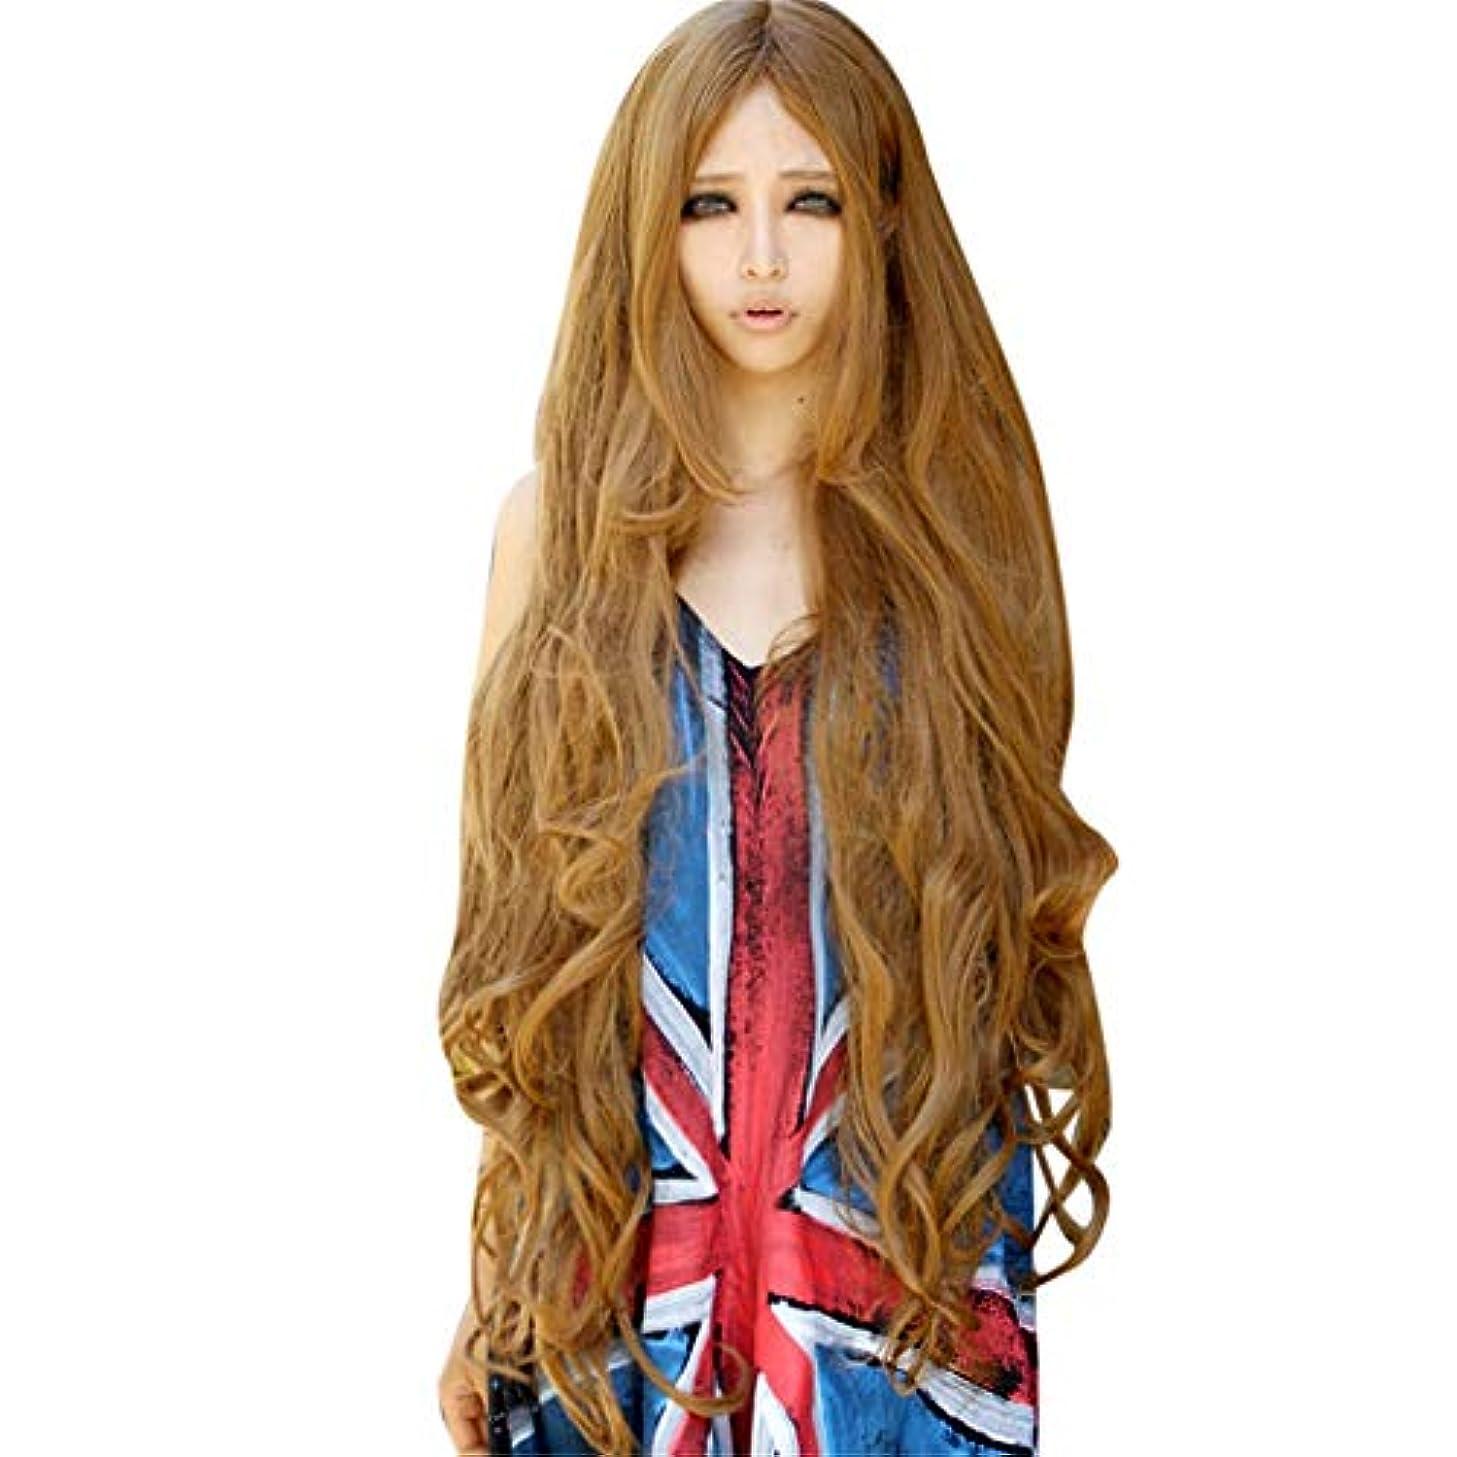 スナップ香港好ましいかつらゴールド長い巻き毛ナチュラルかつらファッションパーティーかつら100CM